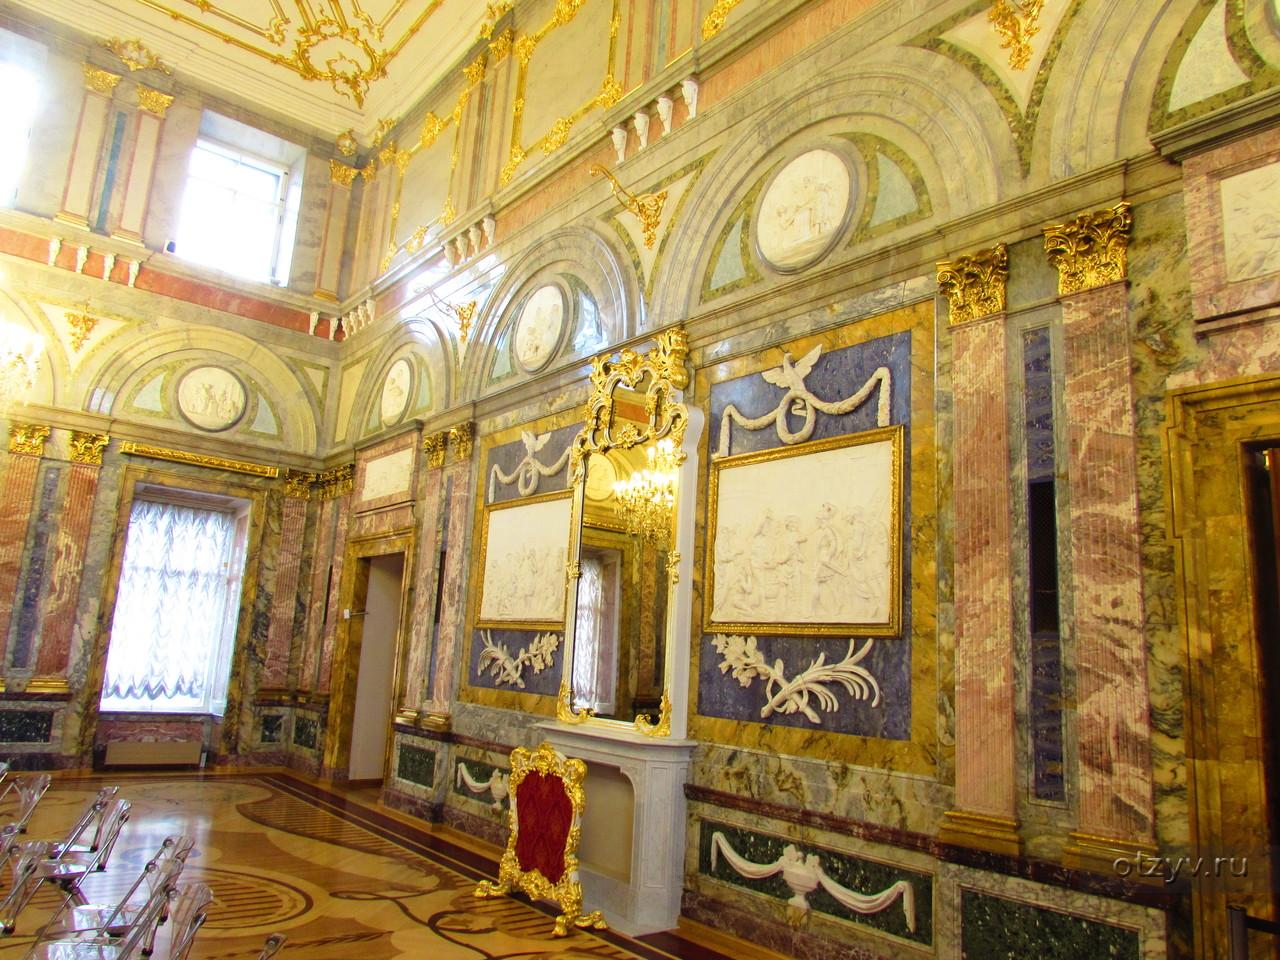 мраморный дворец фото залов этот